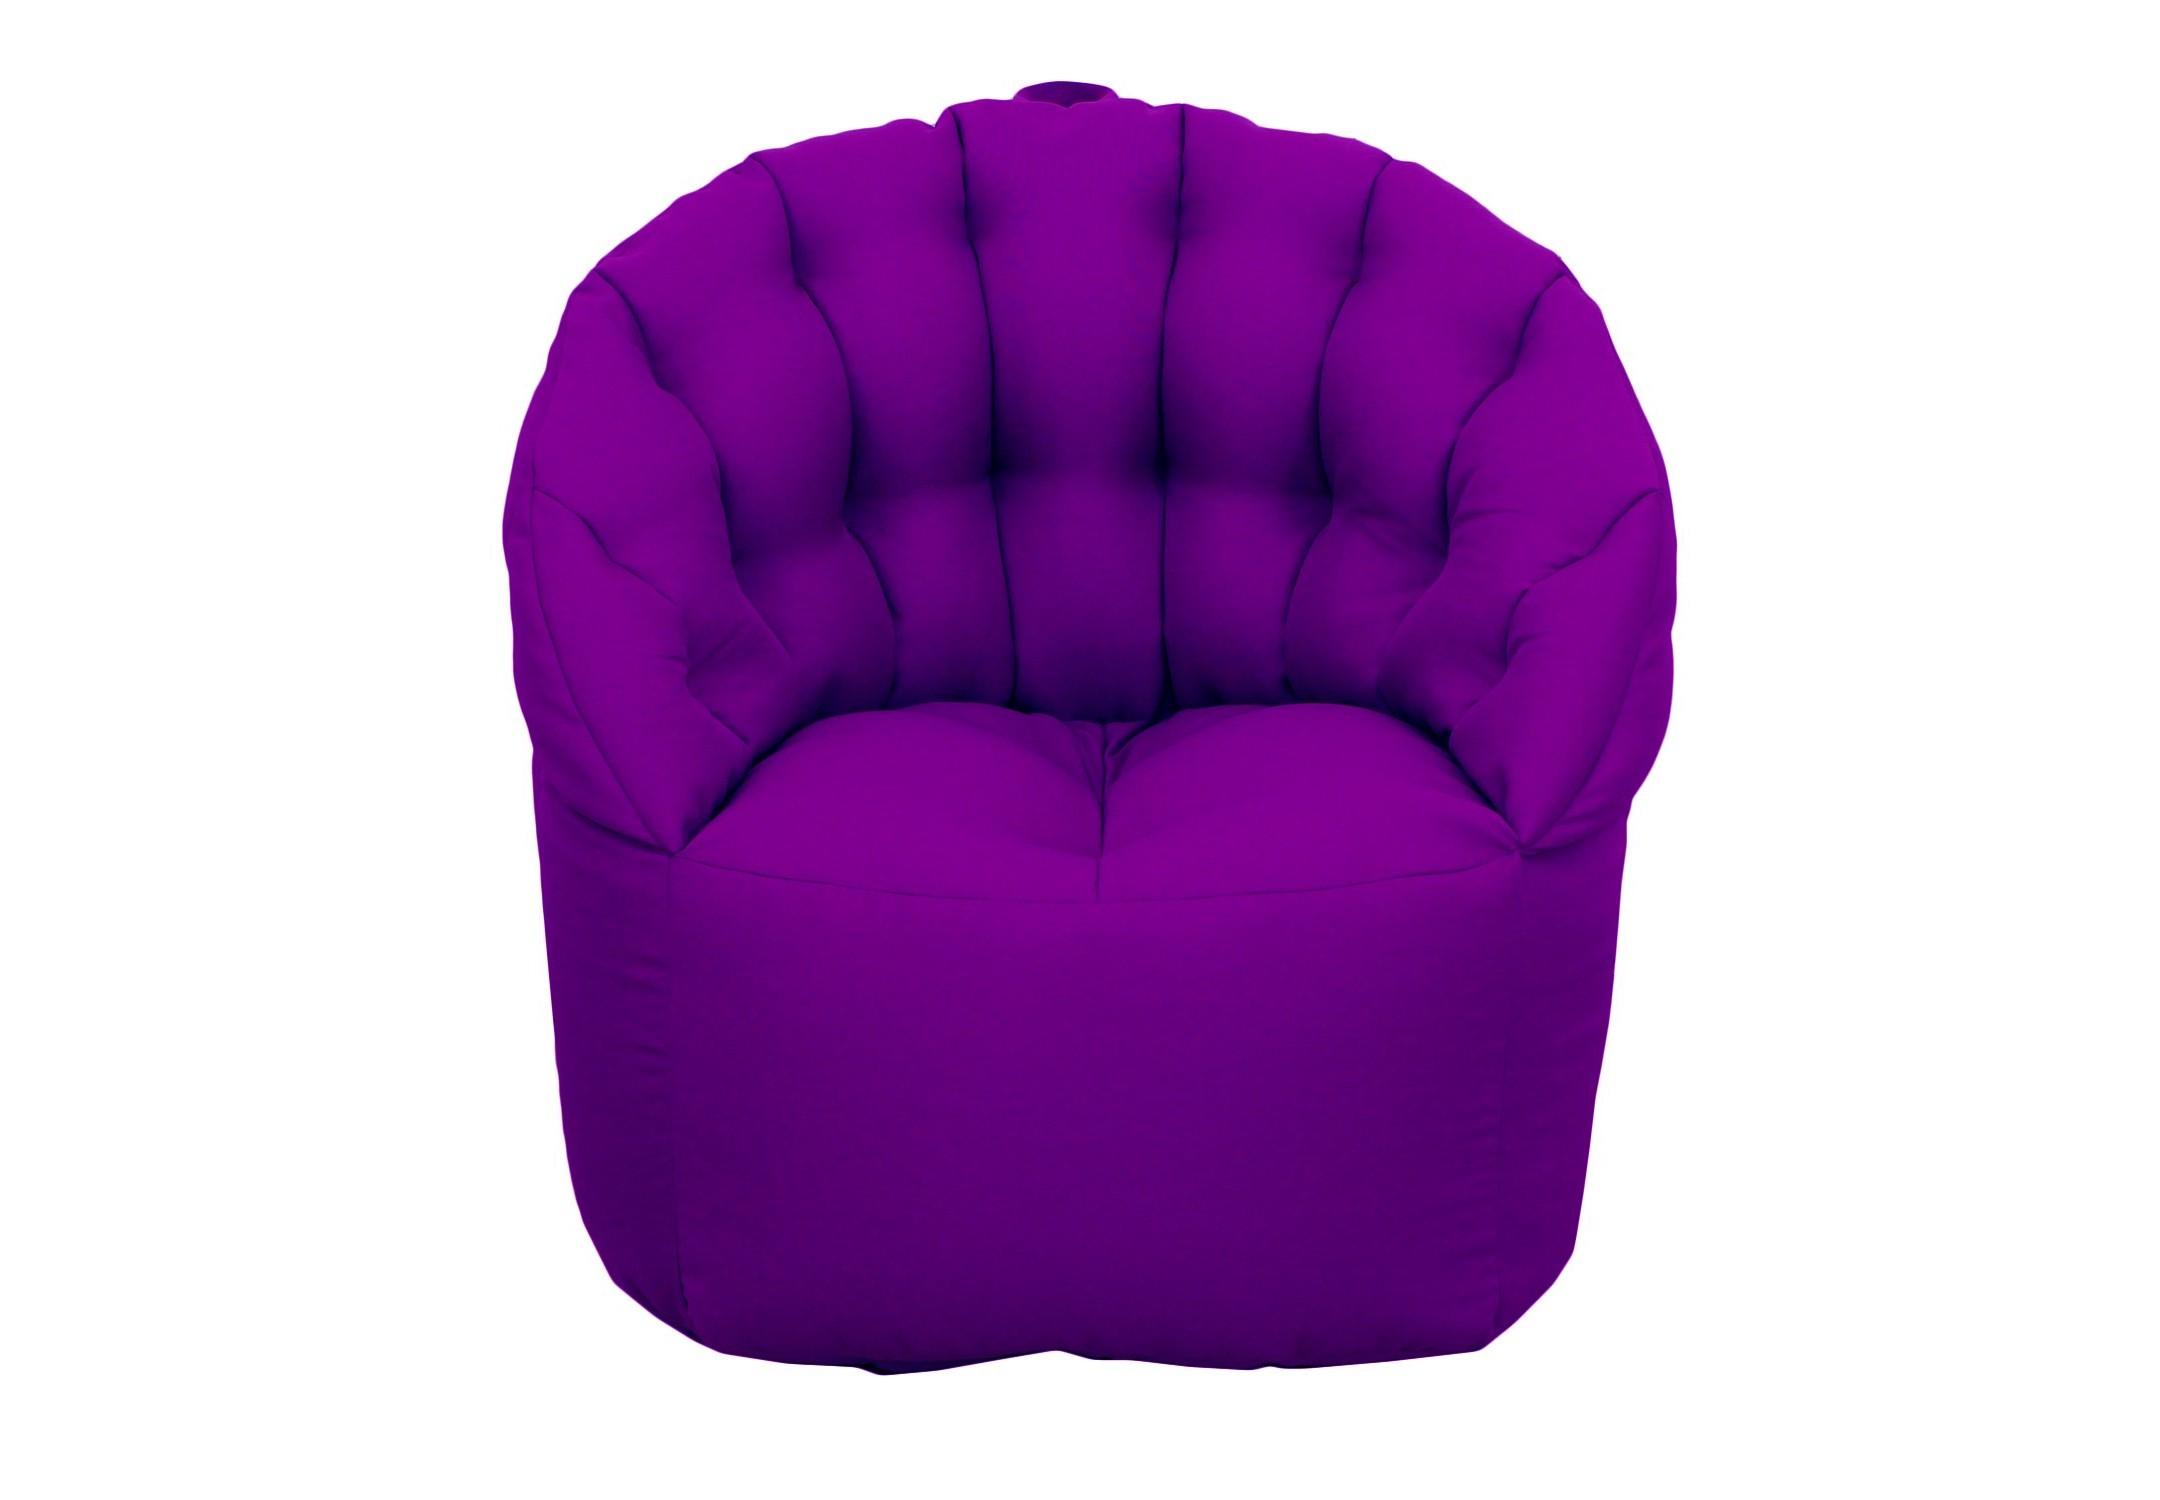 Кресло-пуфФорменные пуфы<br>Комфортное кресло-пуф станет неотьемлемой частью вашего дома. Спинка кресла держит форму и обеспечивает круговую поддержку для спины за счет особой системы пошива. Кресло имеет 2 независимых отсека для наполнителя. Эксклюзивная   ткань разбавит ваш интерьер яркими красками.<br><br>Material: Текстиль<br>Length см: None<br>Width см: 85<br>Depth см: 56<br>Height см: 91